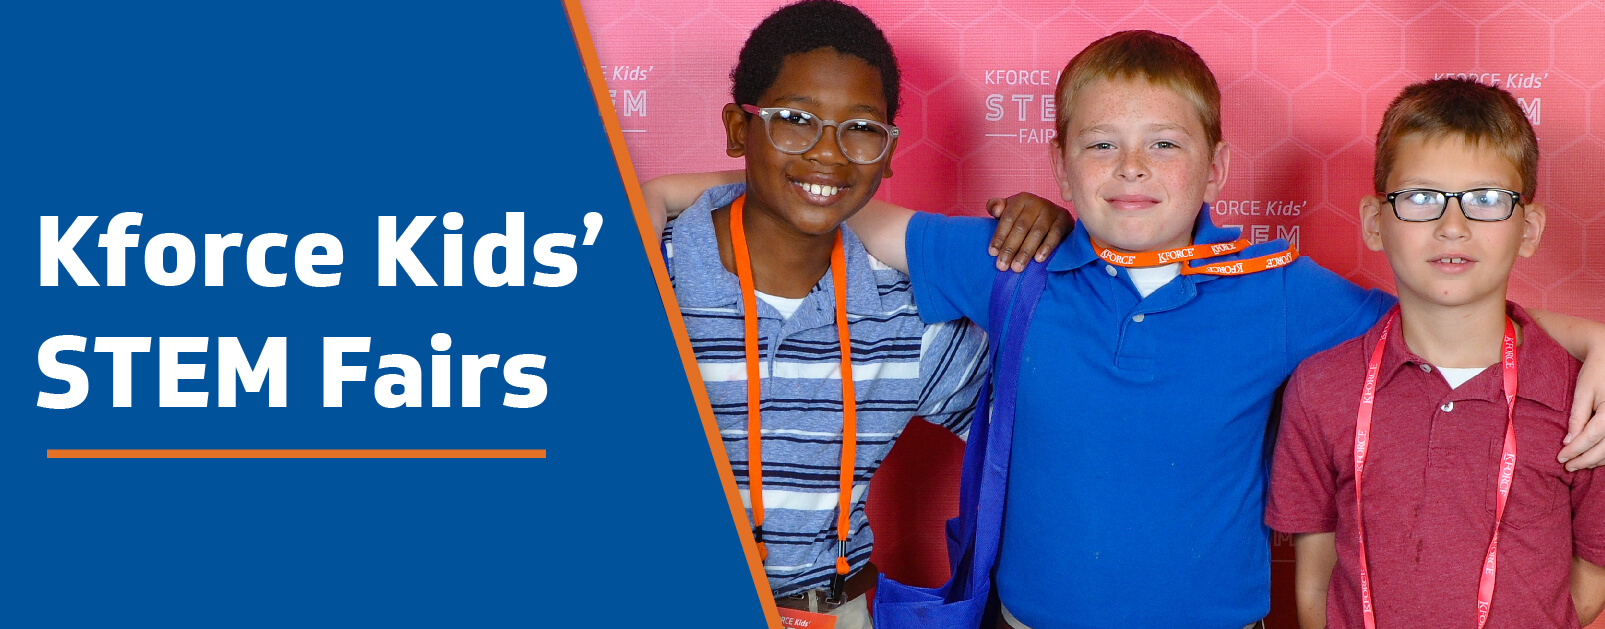 kforce kids' stem fairs